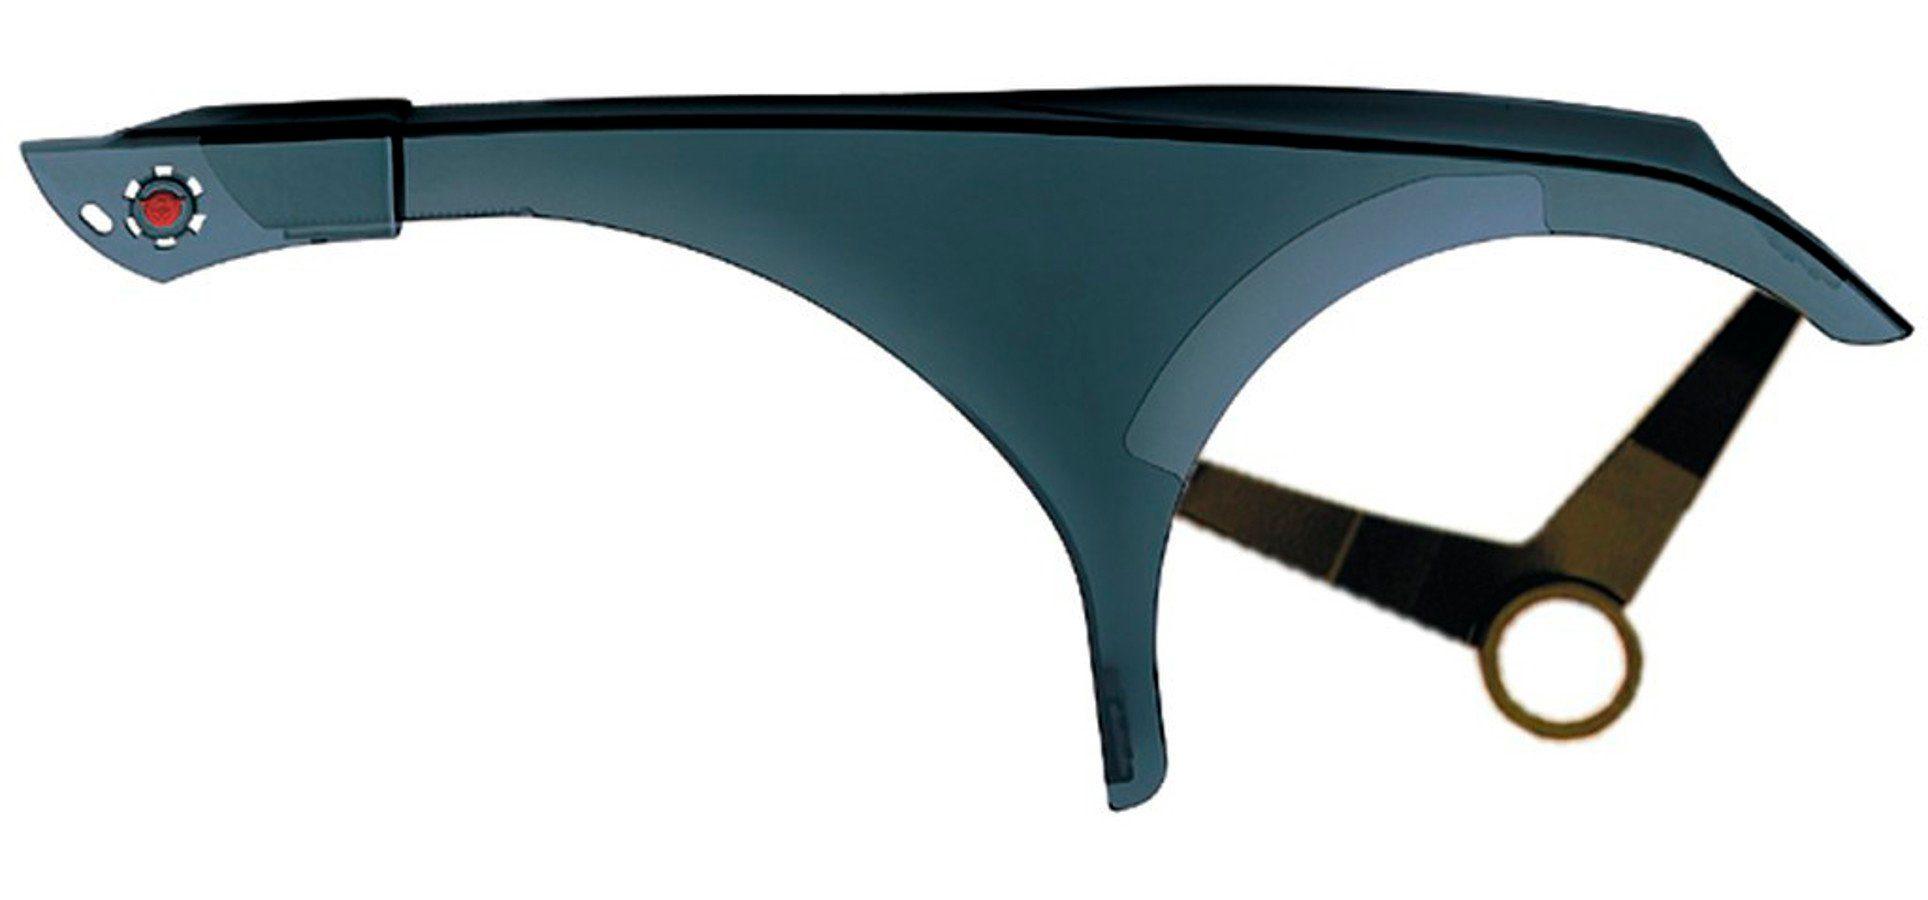 Hebie Kettenschutz »Kettenschutz 1-flügelig verstellbar«